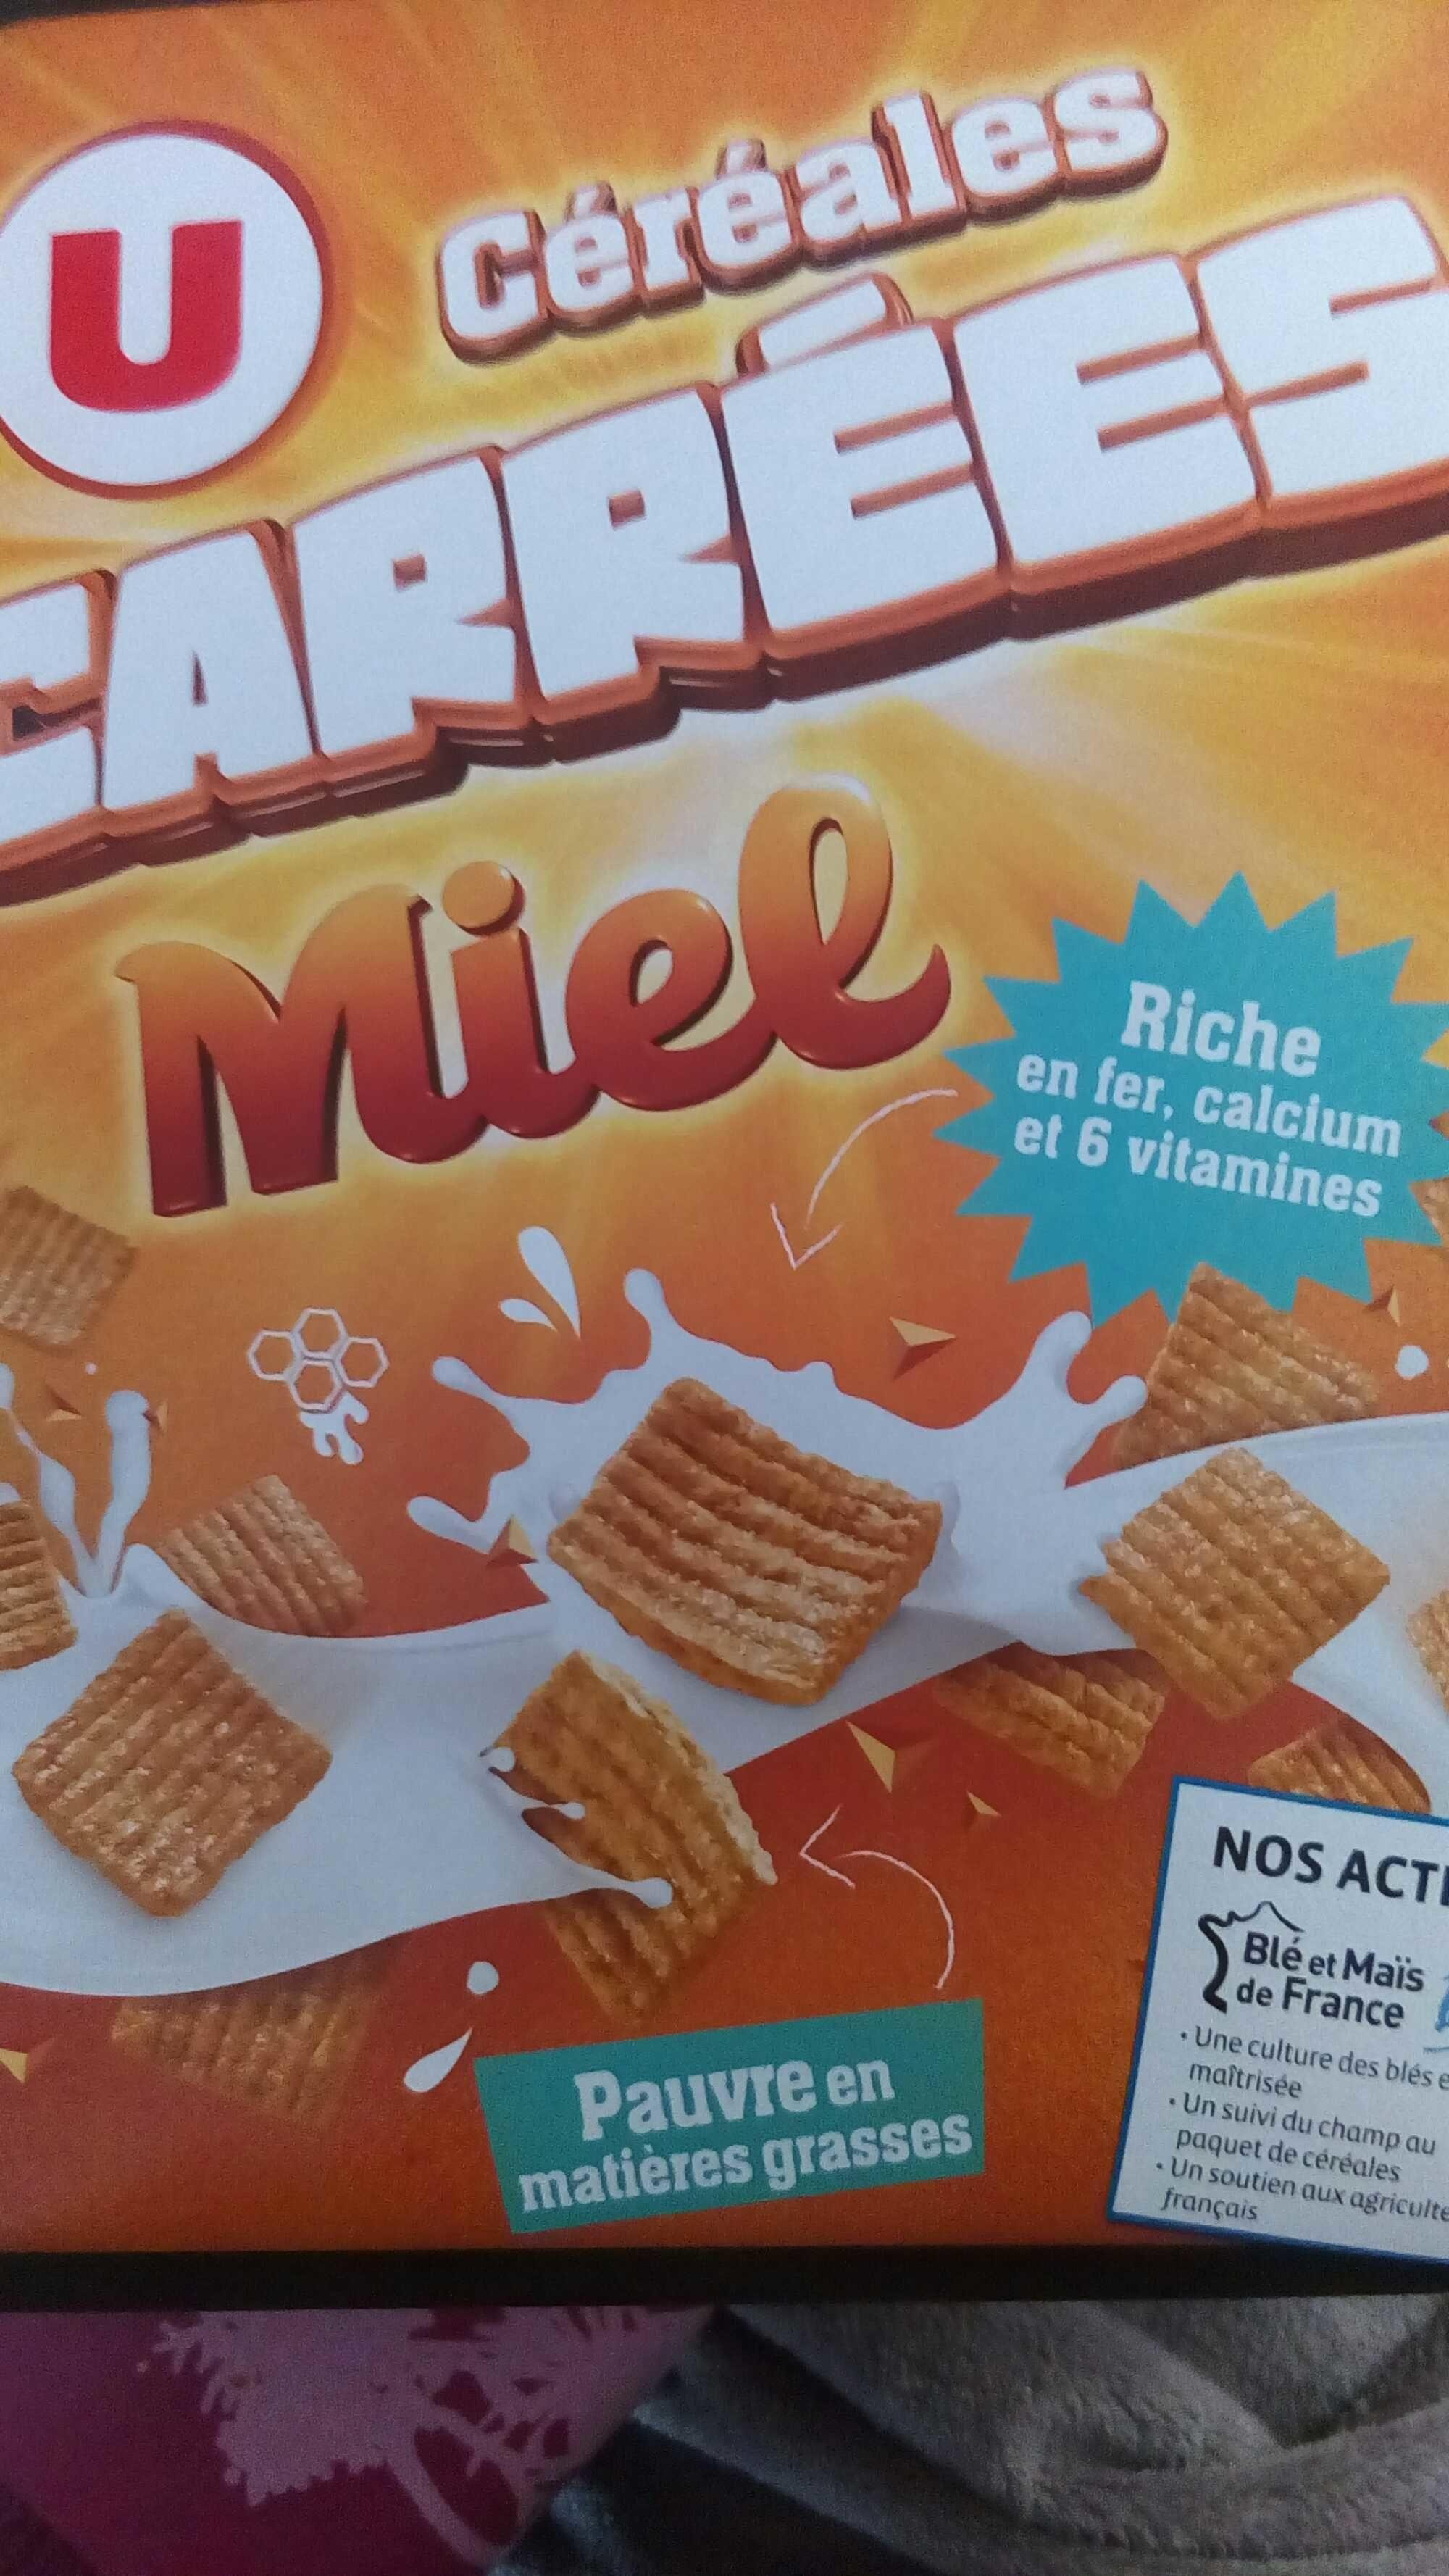 Céréales Carrées Miel - Produit - fr